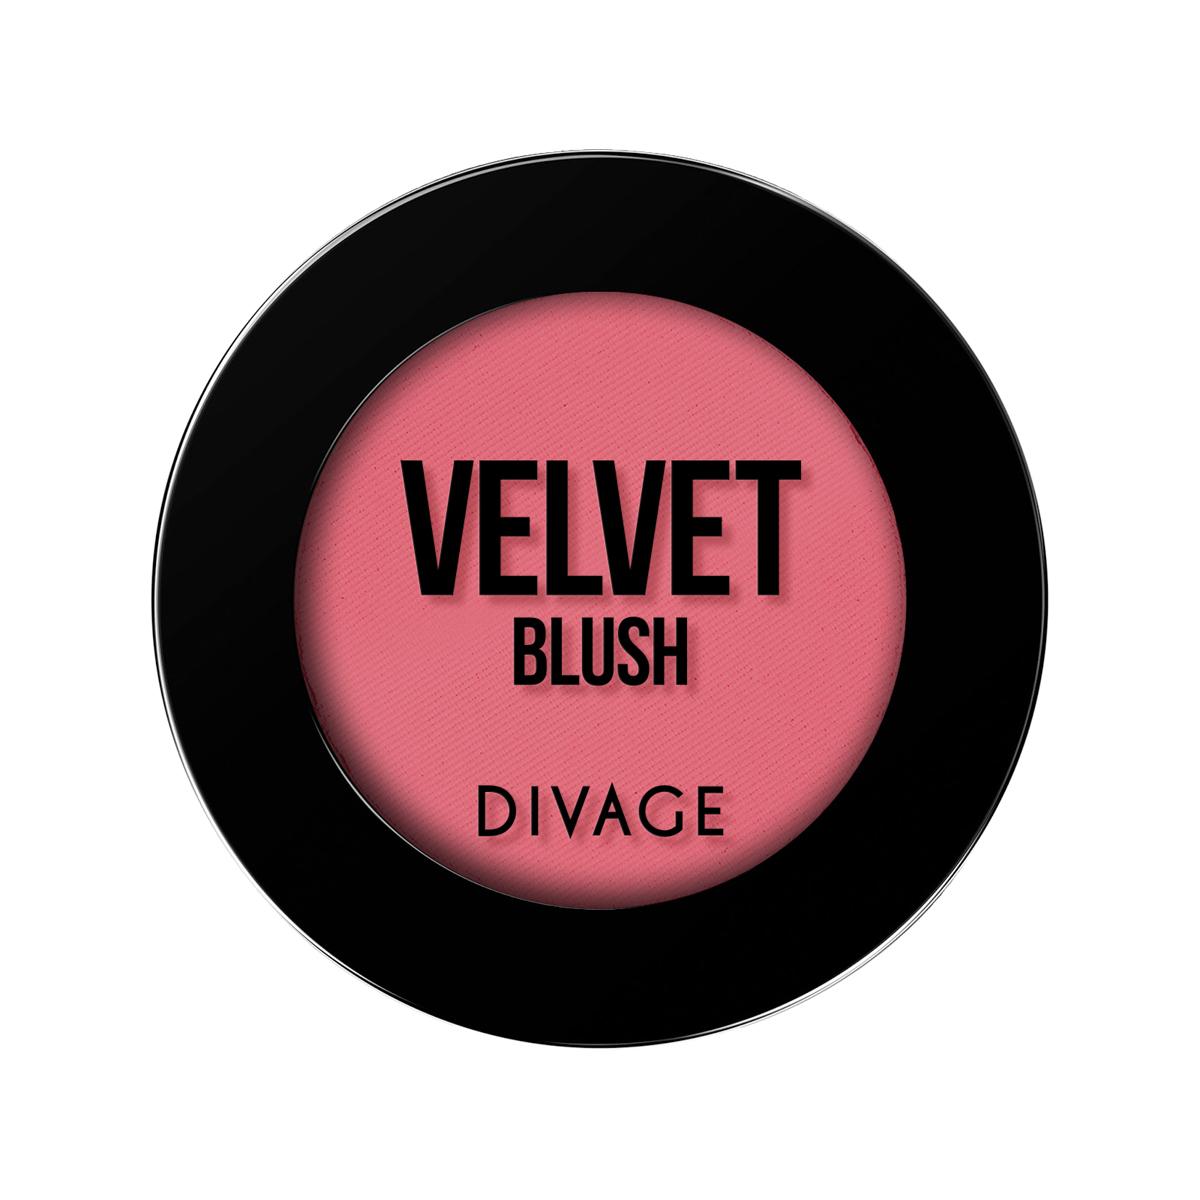 DIVAGE Румяна компактные VELVET, тон № 8704, 4 гр.5010777142037Румяна VELVET - это естественный оттенок утренней свежести, придающий лицу сияющий и отдохнувший вид. Румяна с деликатным матовым эффектом создают максимально естественный образ. Формула с мелкодисперсной текстурой не перегружает макияж. Стойкий цветовой пигмент сохраняется в течение всего дня. Палитра из четырёх оттенков позволяет использовать этот продукт как для придания легкого румянца, так и для коррекции овала лица.Свежий, нежный или насыщенный игривый румянец - вот что делает наше лицо по-настоящему светящимся! Больше всего свежести макияжу придадут персиковые и розовые оттенки. Если твоя кожа имеет тёплый бежевый или золотистый оттенок, выбирай персиковую палитру румян. Розовый румянец больше подойдет девушкам с холодным оттенком кожи. Цветные румяна наноси по центру щеки, совершая мягкие круговые движения кистью. Коричневые и бронзовые цвета можно использовать в качестве корректирующих румян, накладывая их в зону скулы и по контуру лица